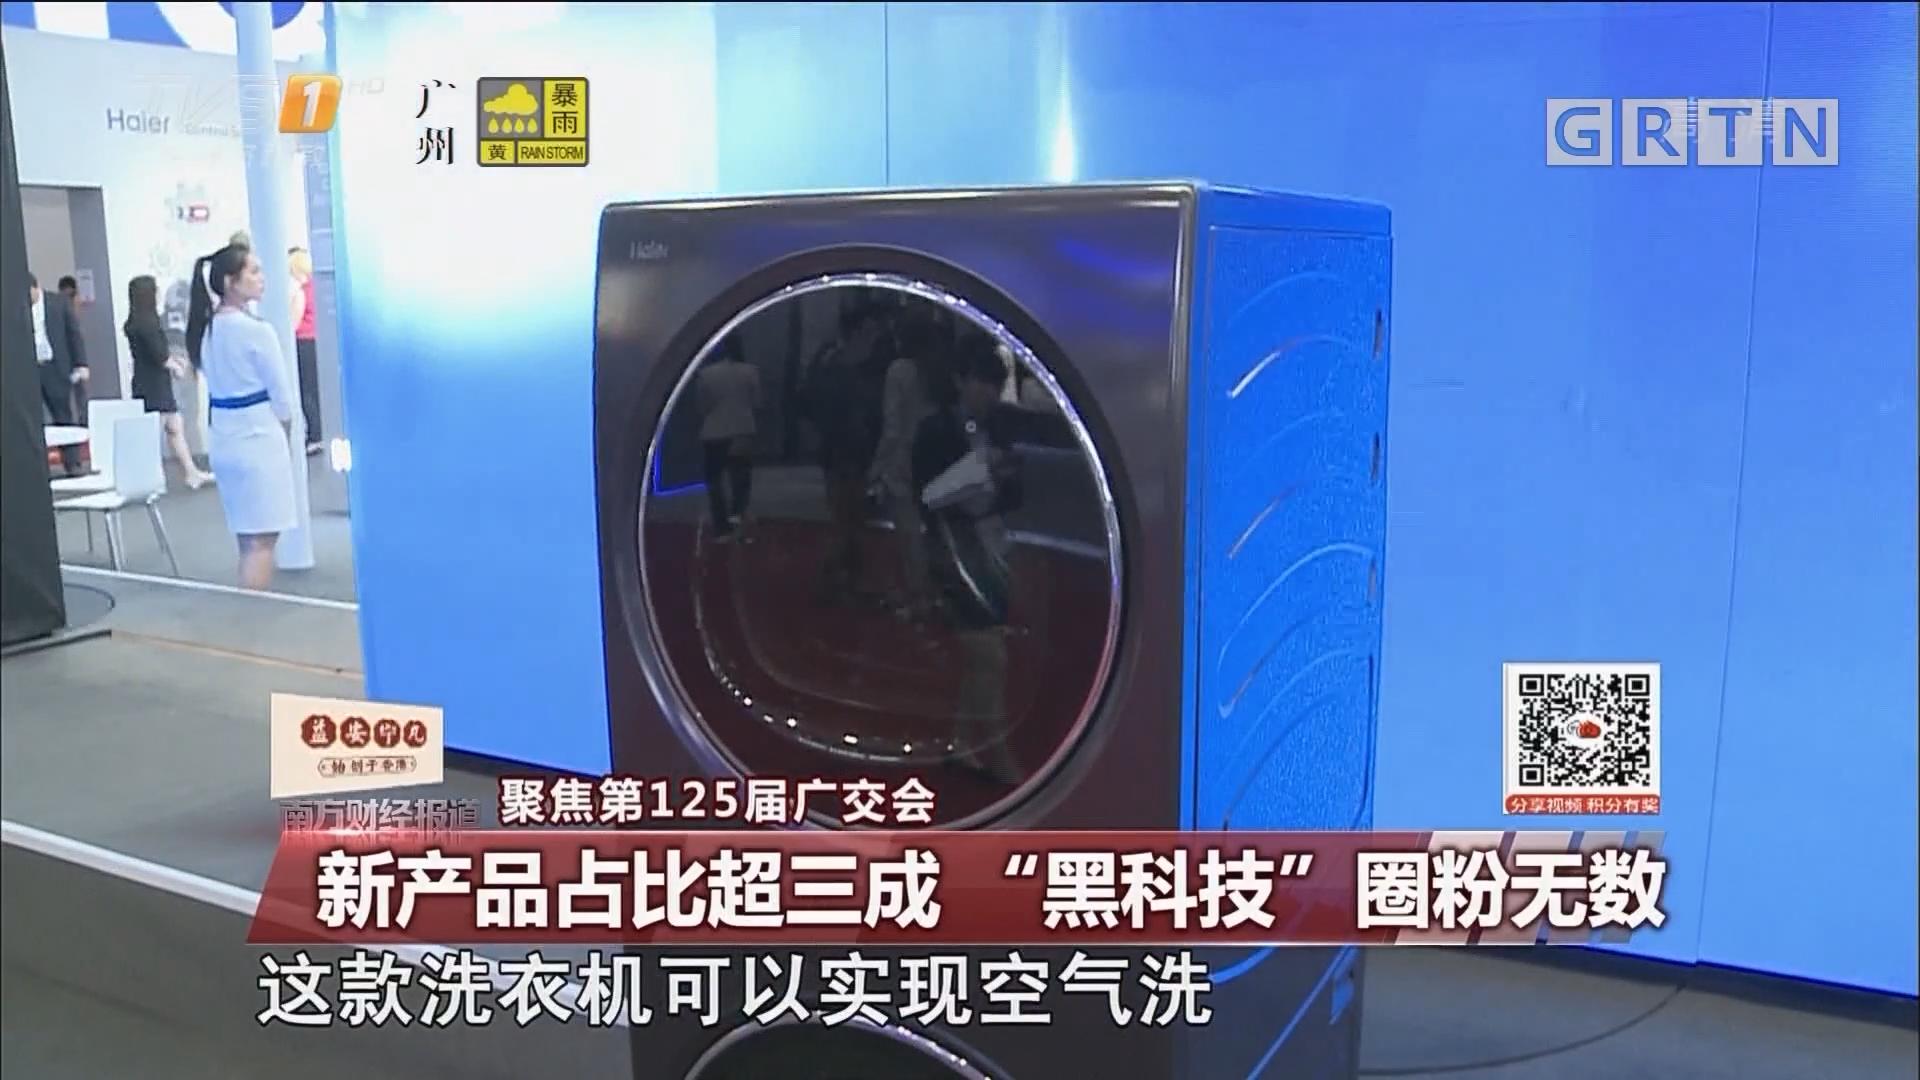 """聚焦第125届广交会:新产品占比超三成 """"黑科技?#27604;?#31881;无数"""